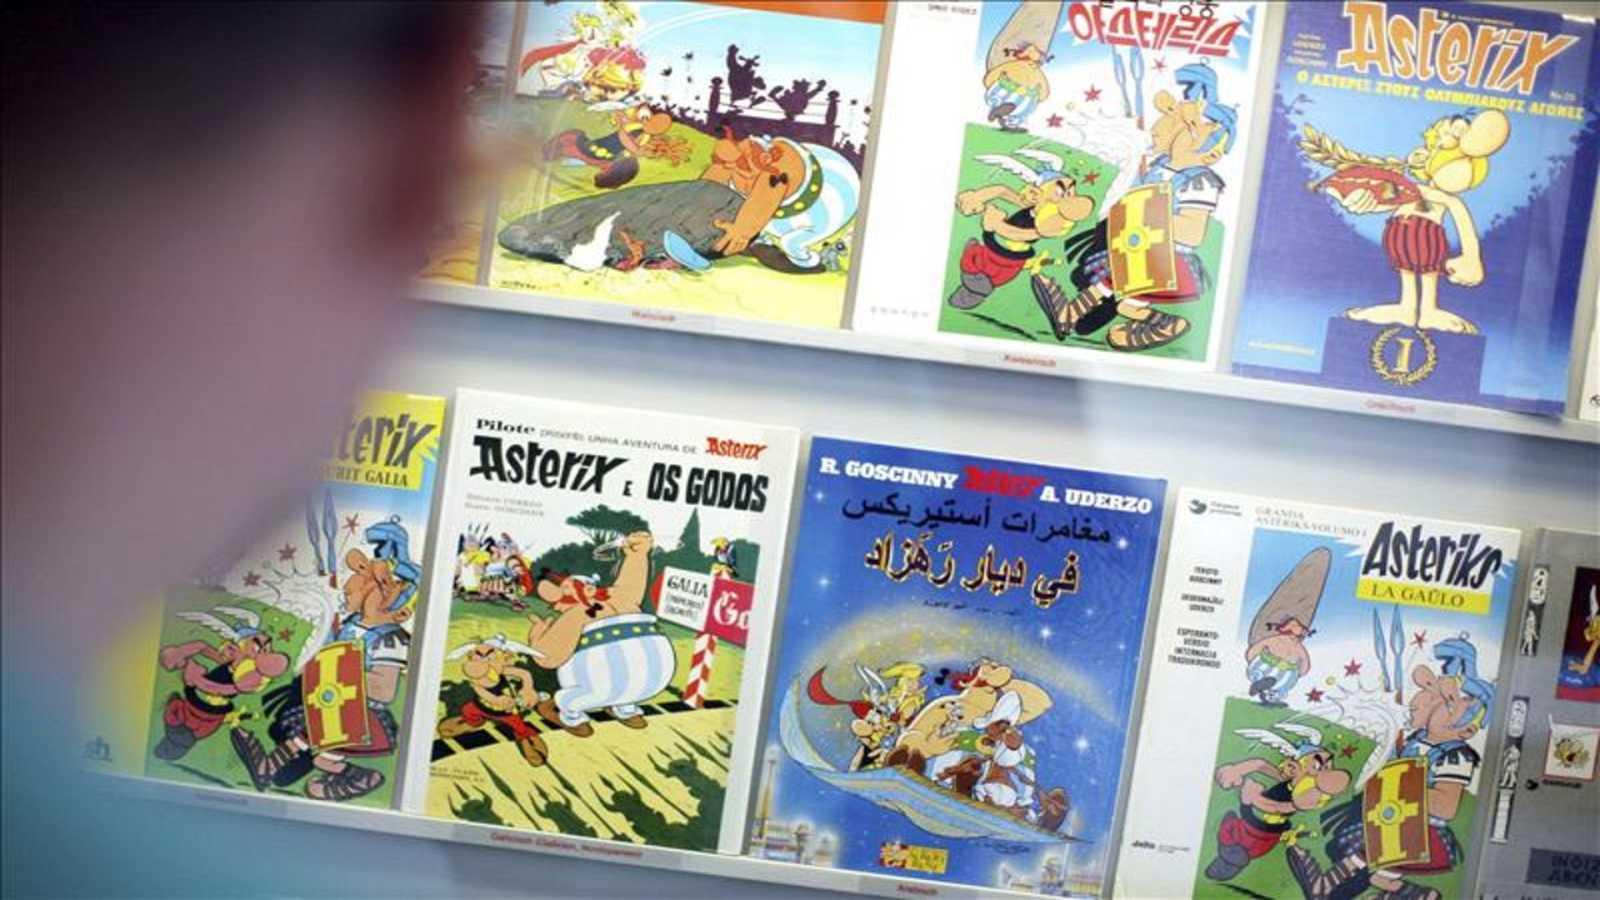 Las mañanas de RNE con Pepa Fernández - Segunda hora: Astérix y Obélix, deporte y ¡Qué Hambre! - 27/03/20 - escuchar ahora